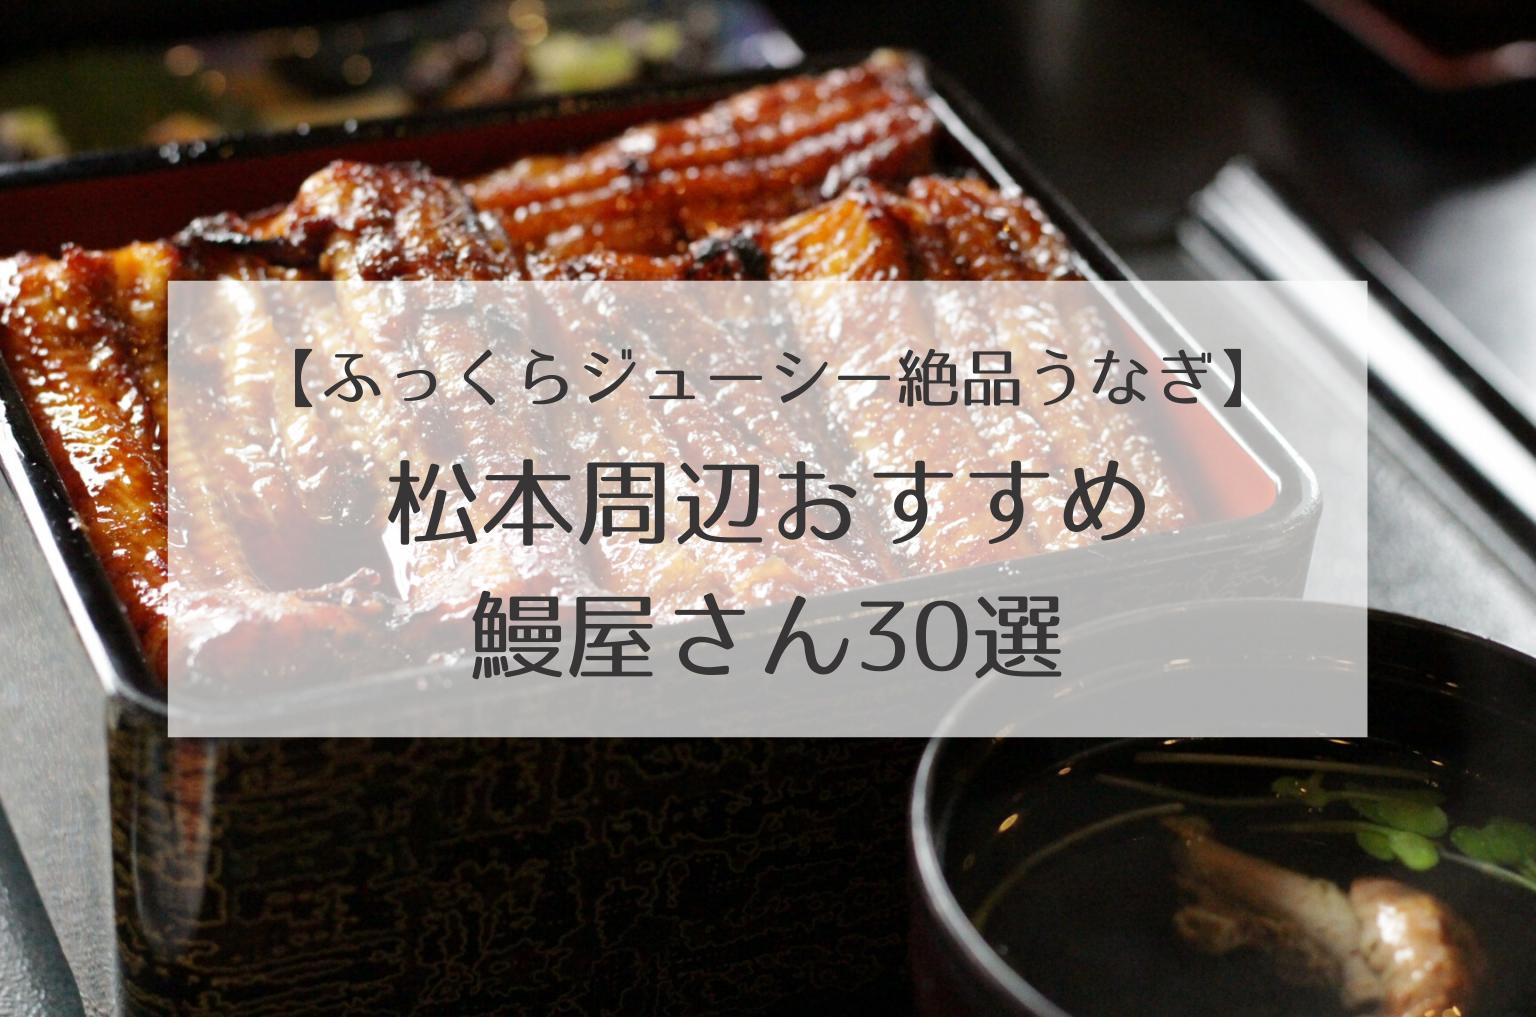 松本市周辺の【ふっくらジューシー絶品うなぎ】